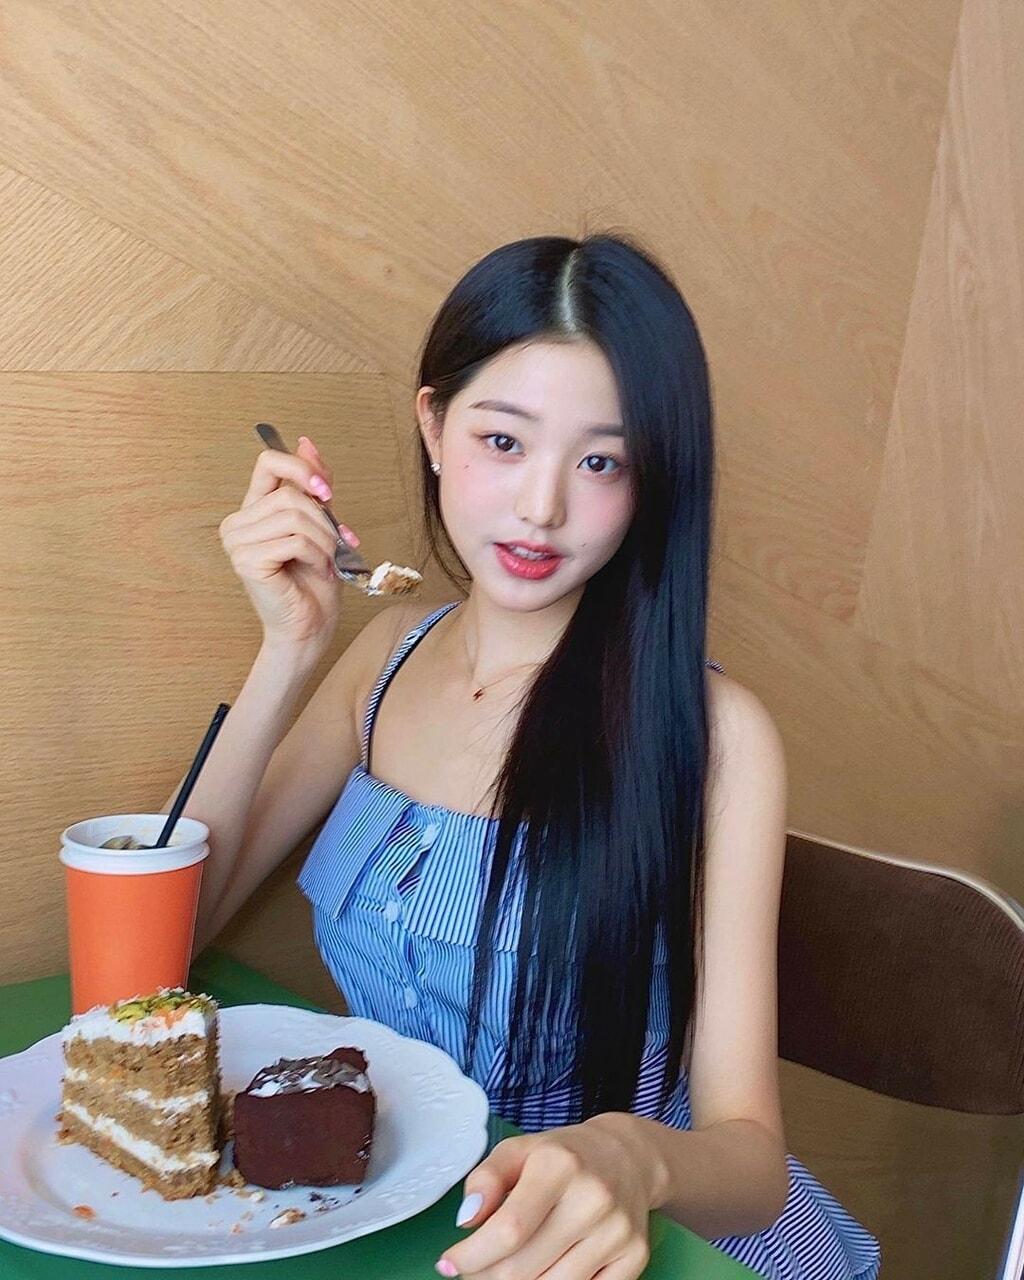 izone, wonyoung, and iz*one image